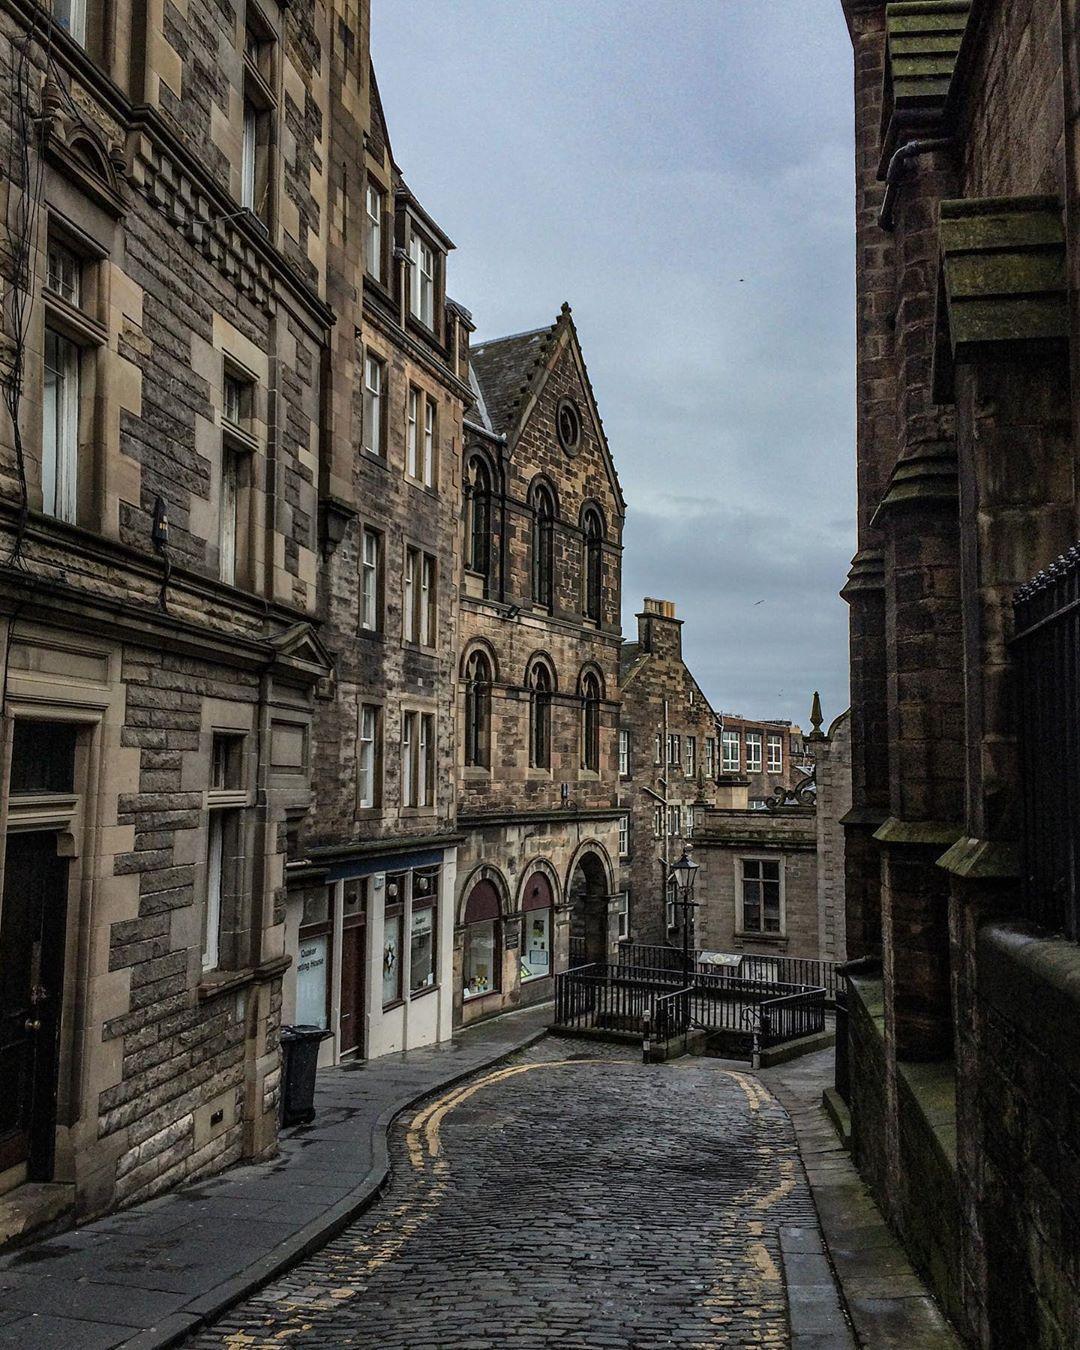 """MyInstaScotland on Instagram: """"Upper Bow, Old Town of Edinburgh. .  #oldtown #edinburgh #myedinburgh #loveedinburgh #thisisedinburgh #edinburghhighlights #igersedinburgh…"""""""